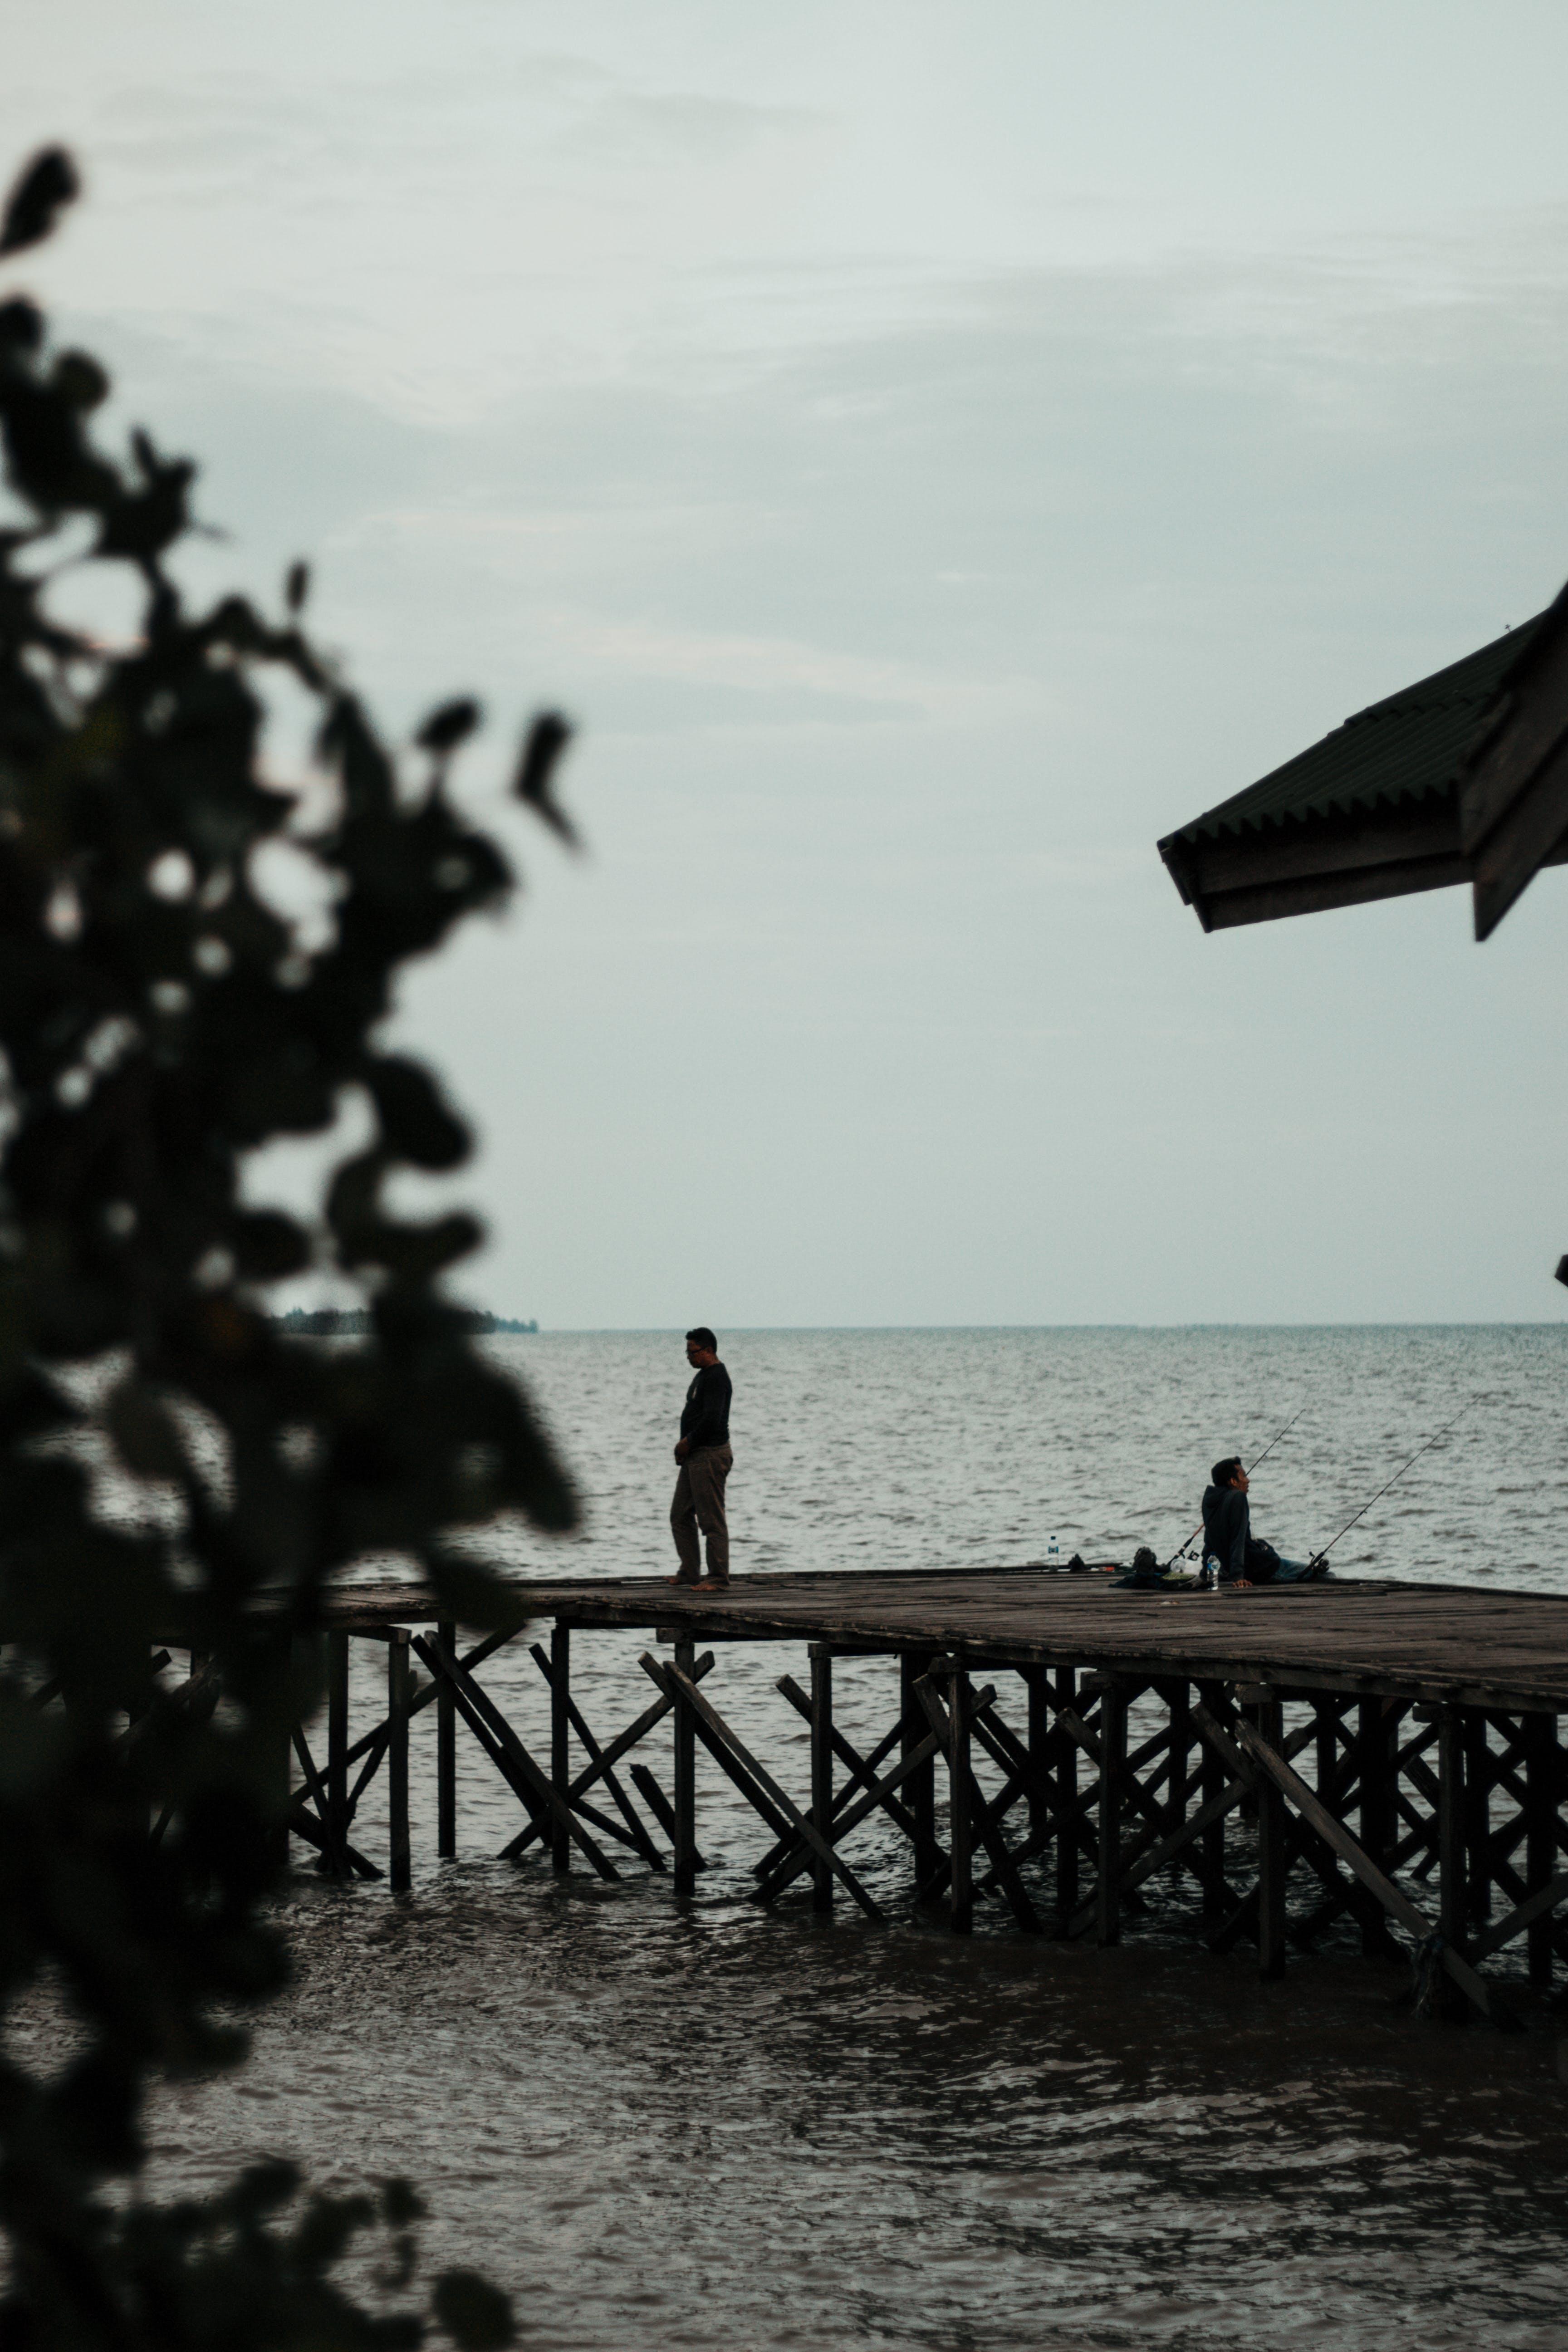 Man Standing On Boardwalk